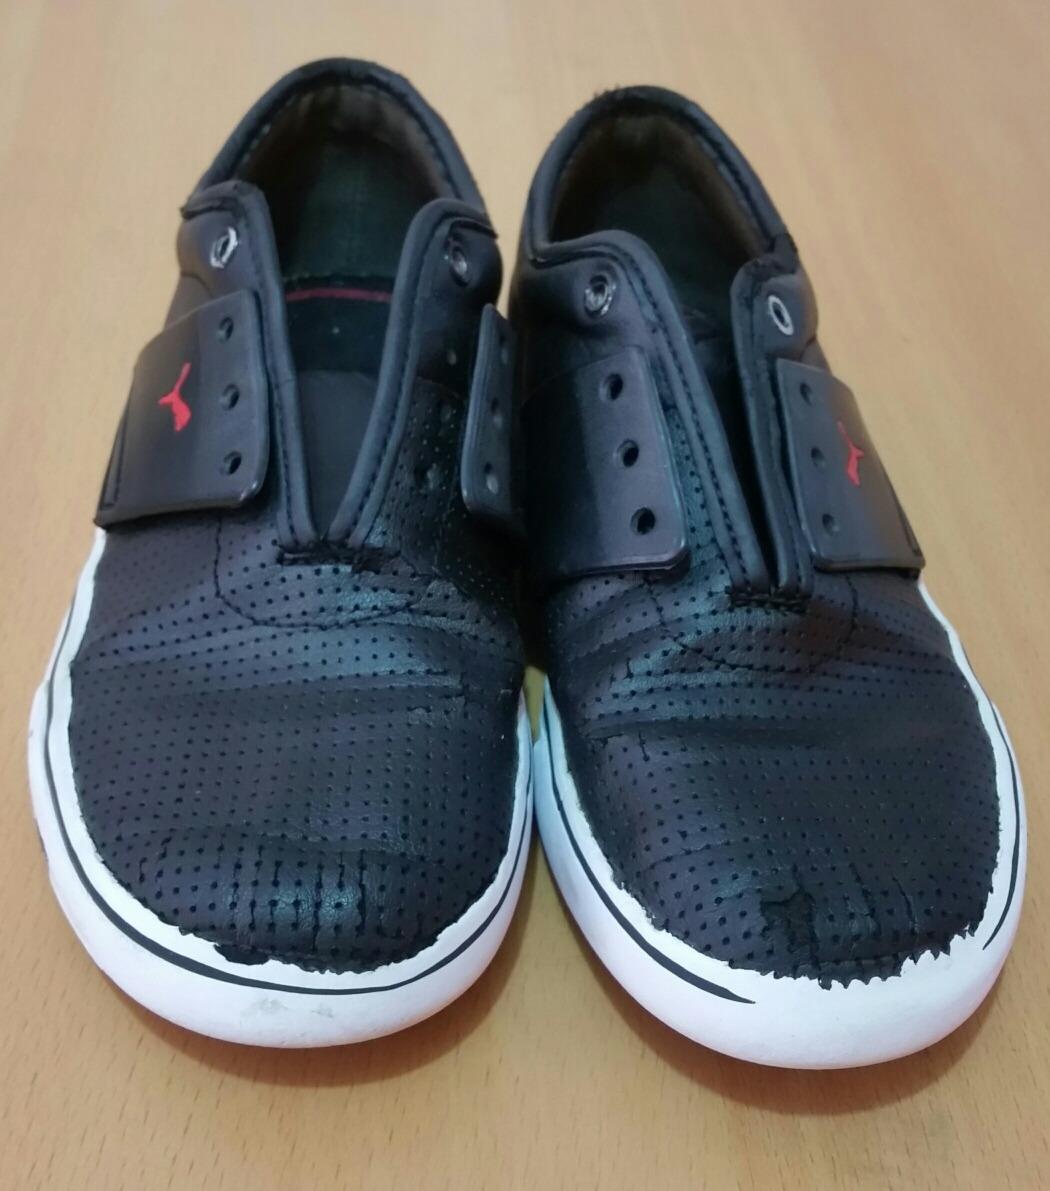 00 Para Mercado En Niño Puma Libre Zapatos Bs Usados 000 5 fOqw0